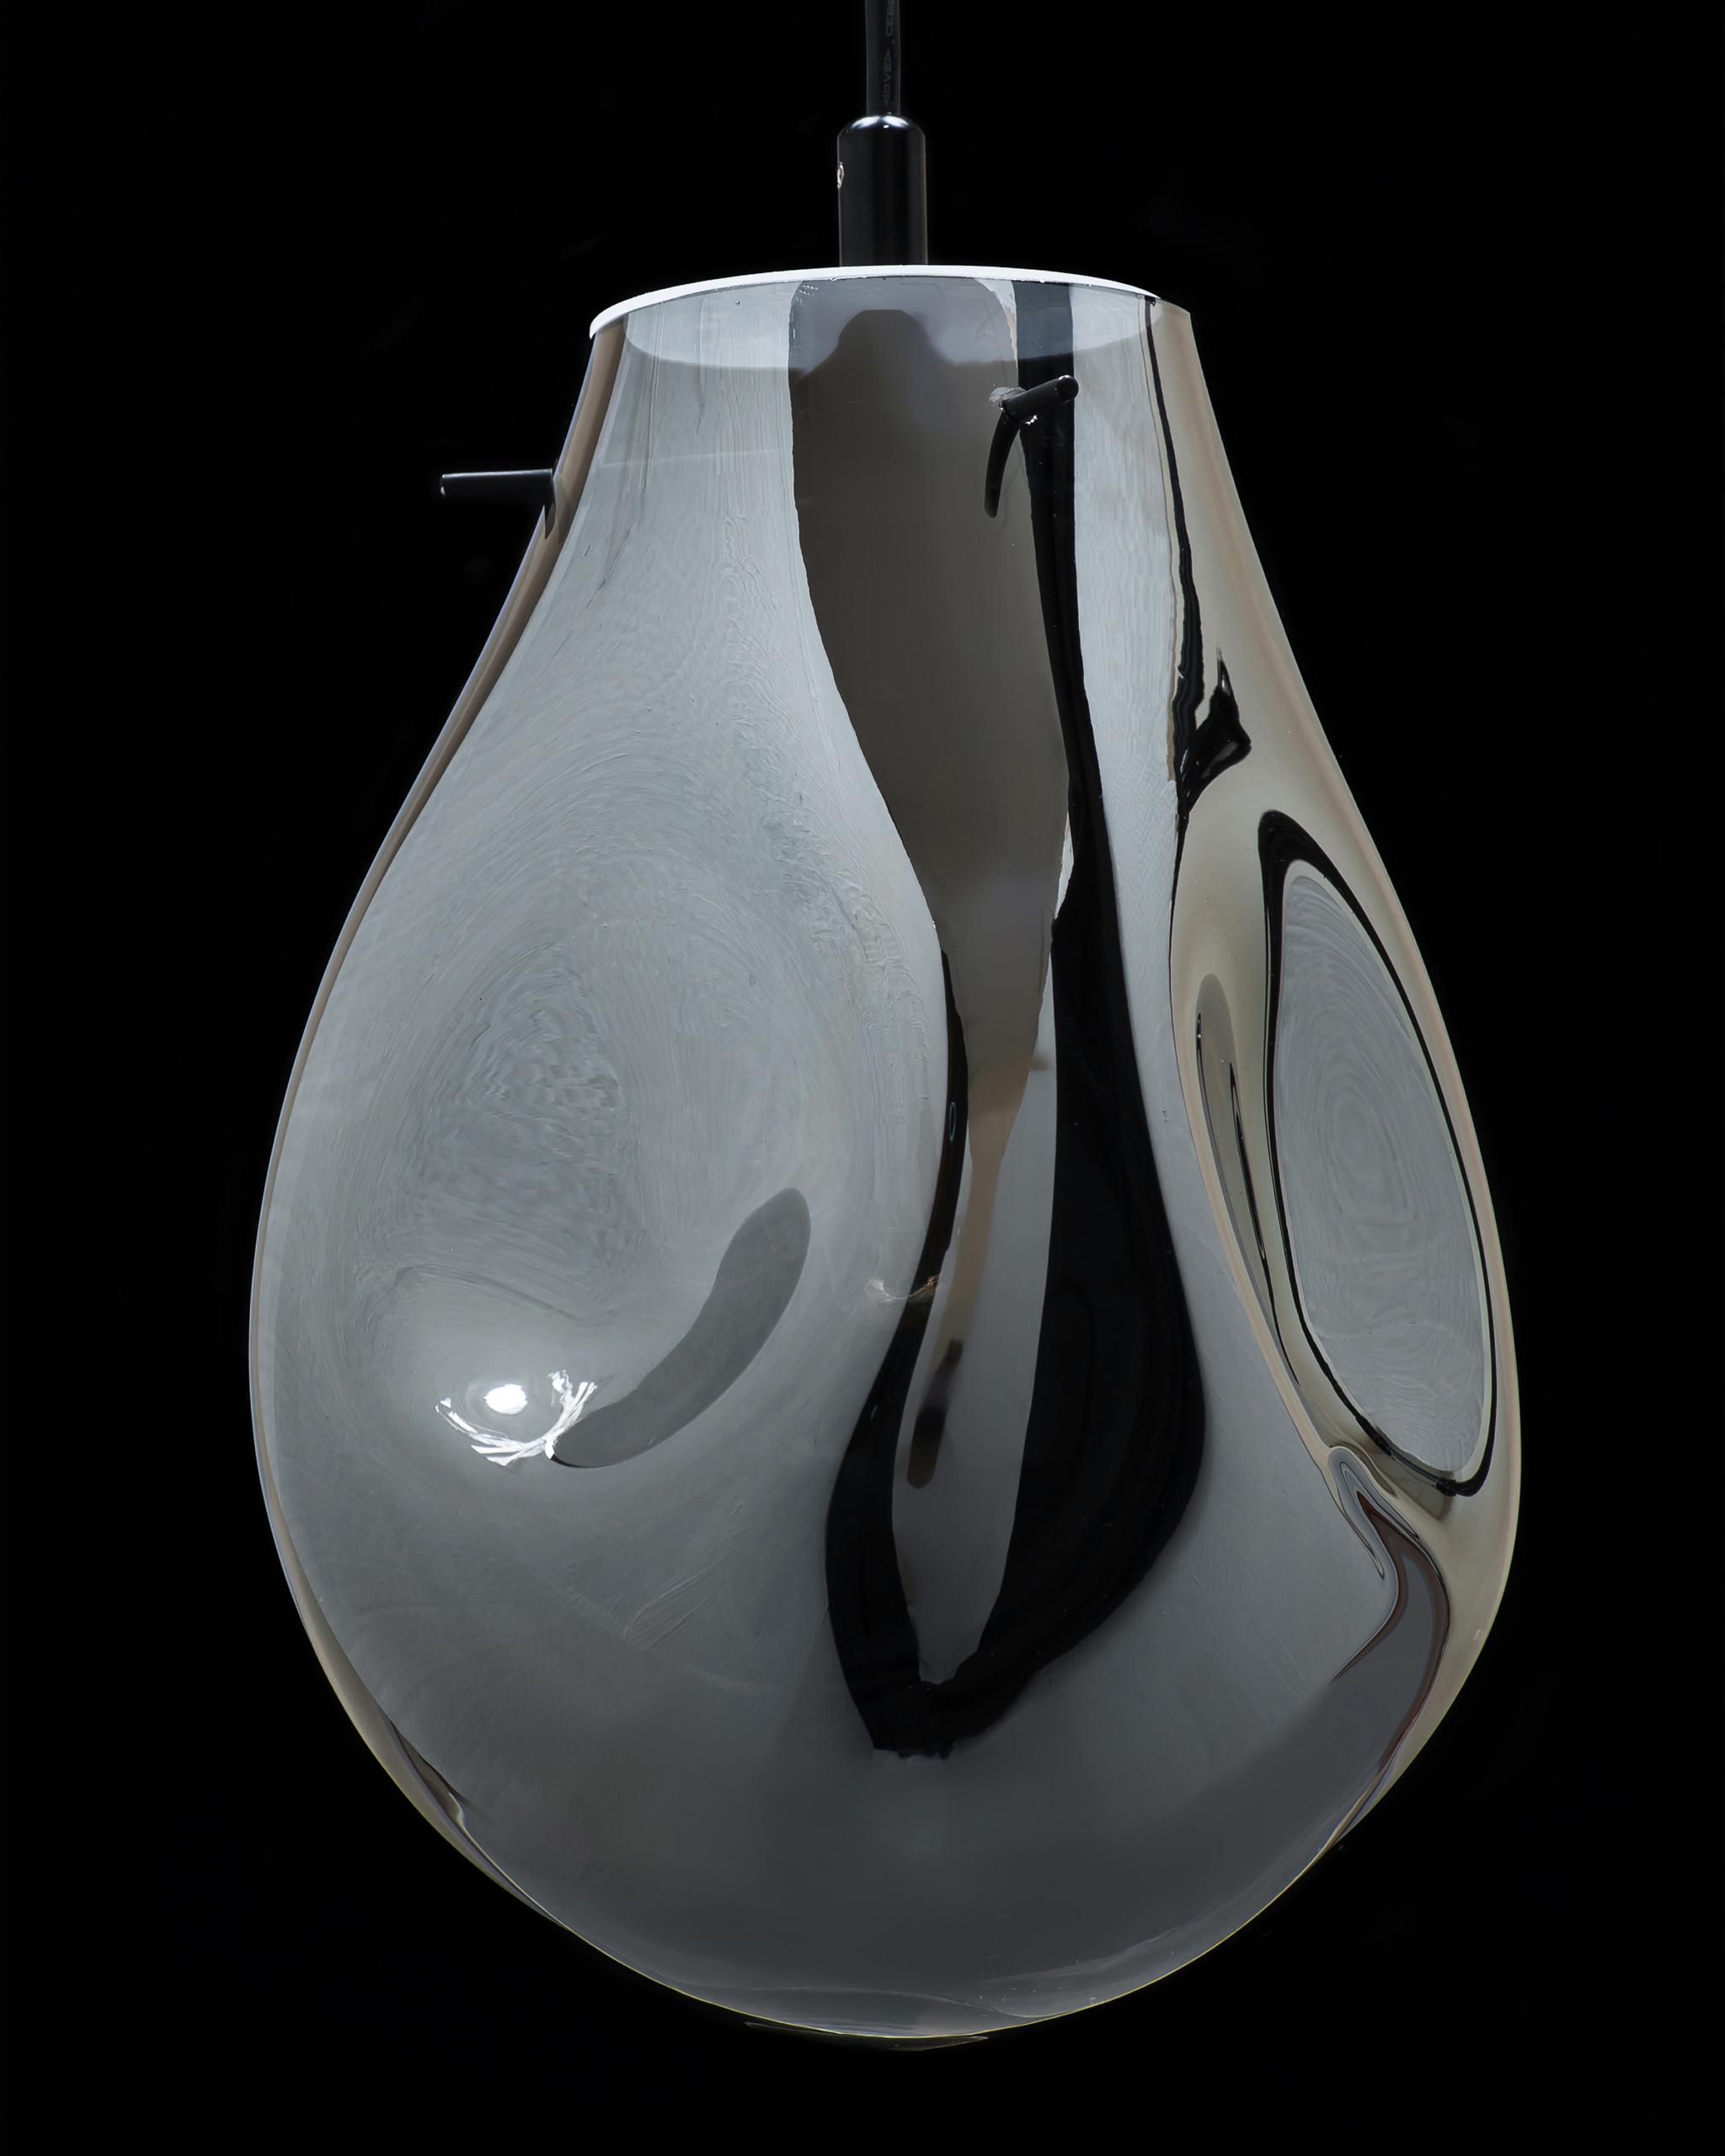 Зеркальные предметы - люстры в портфолио фотографа